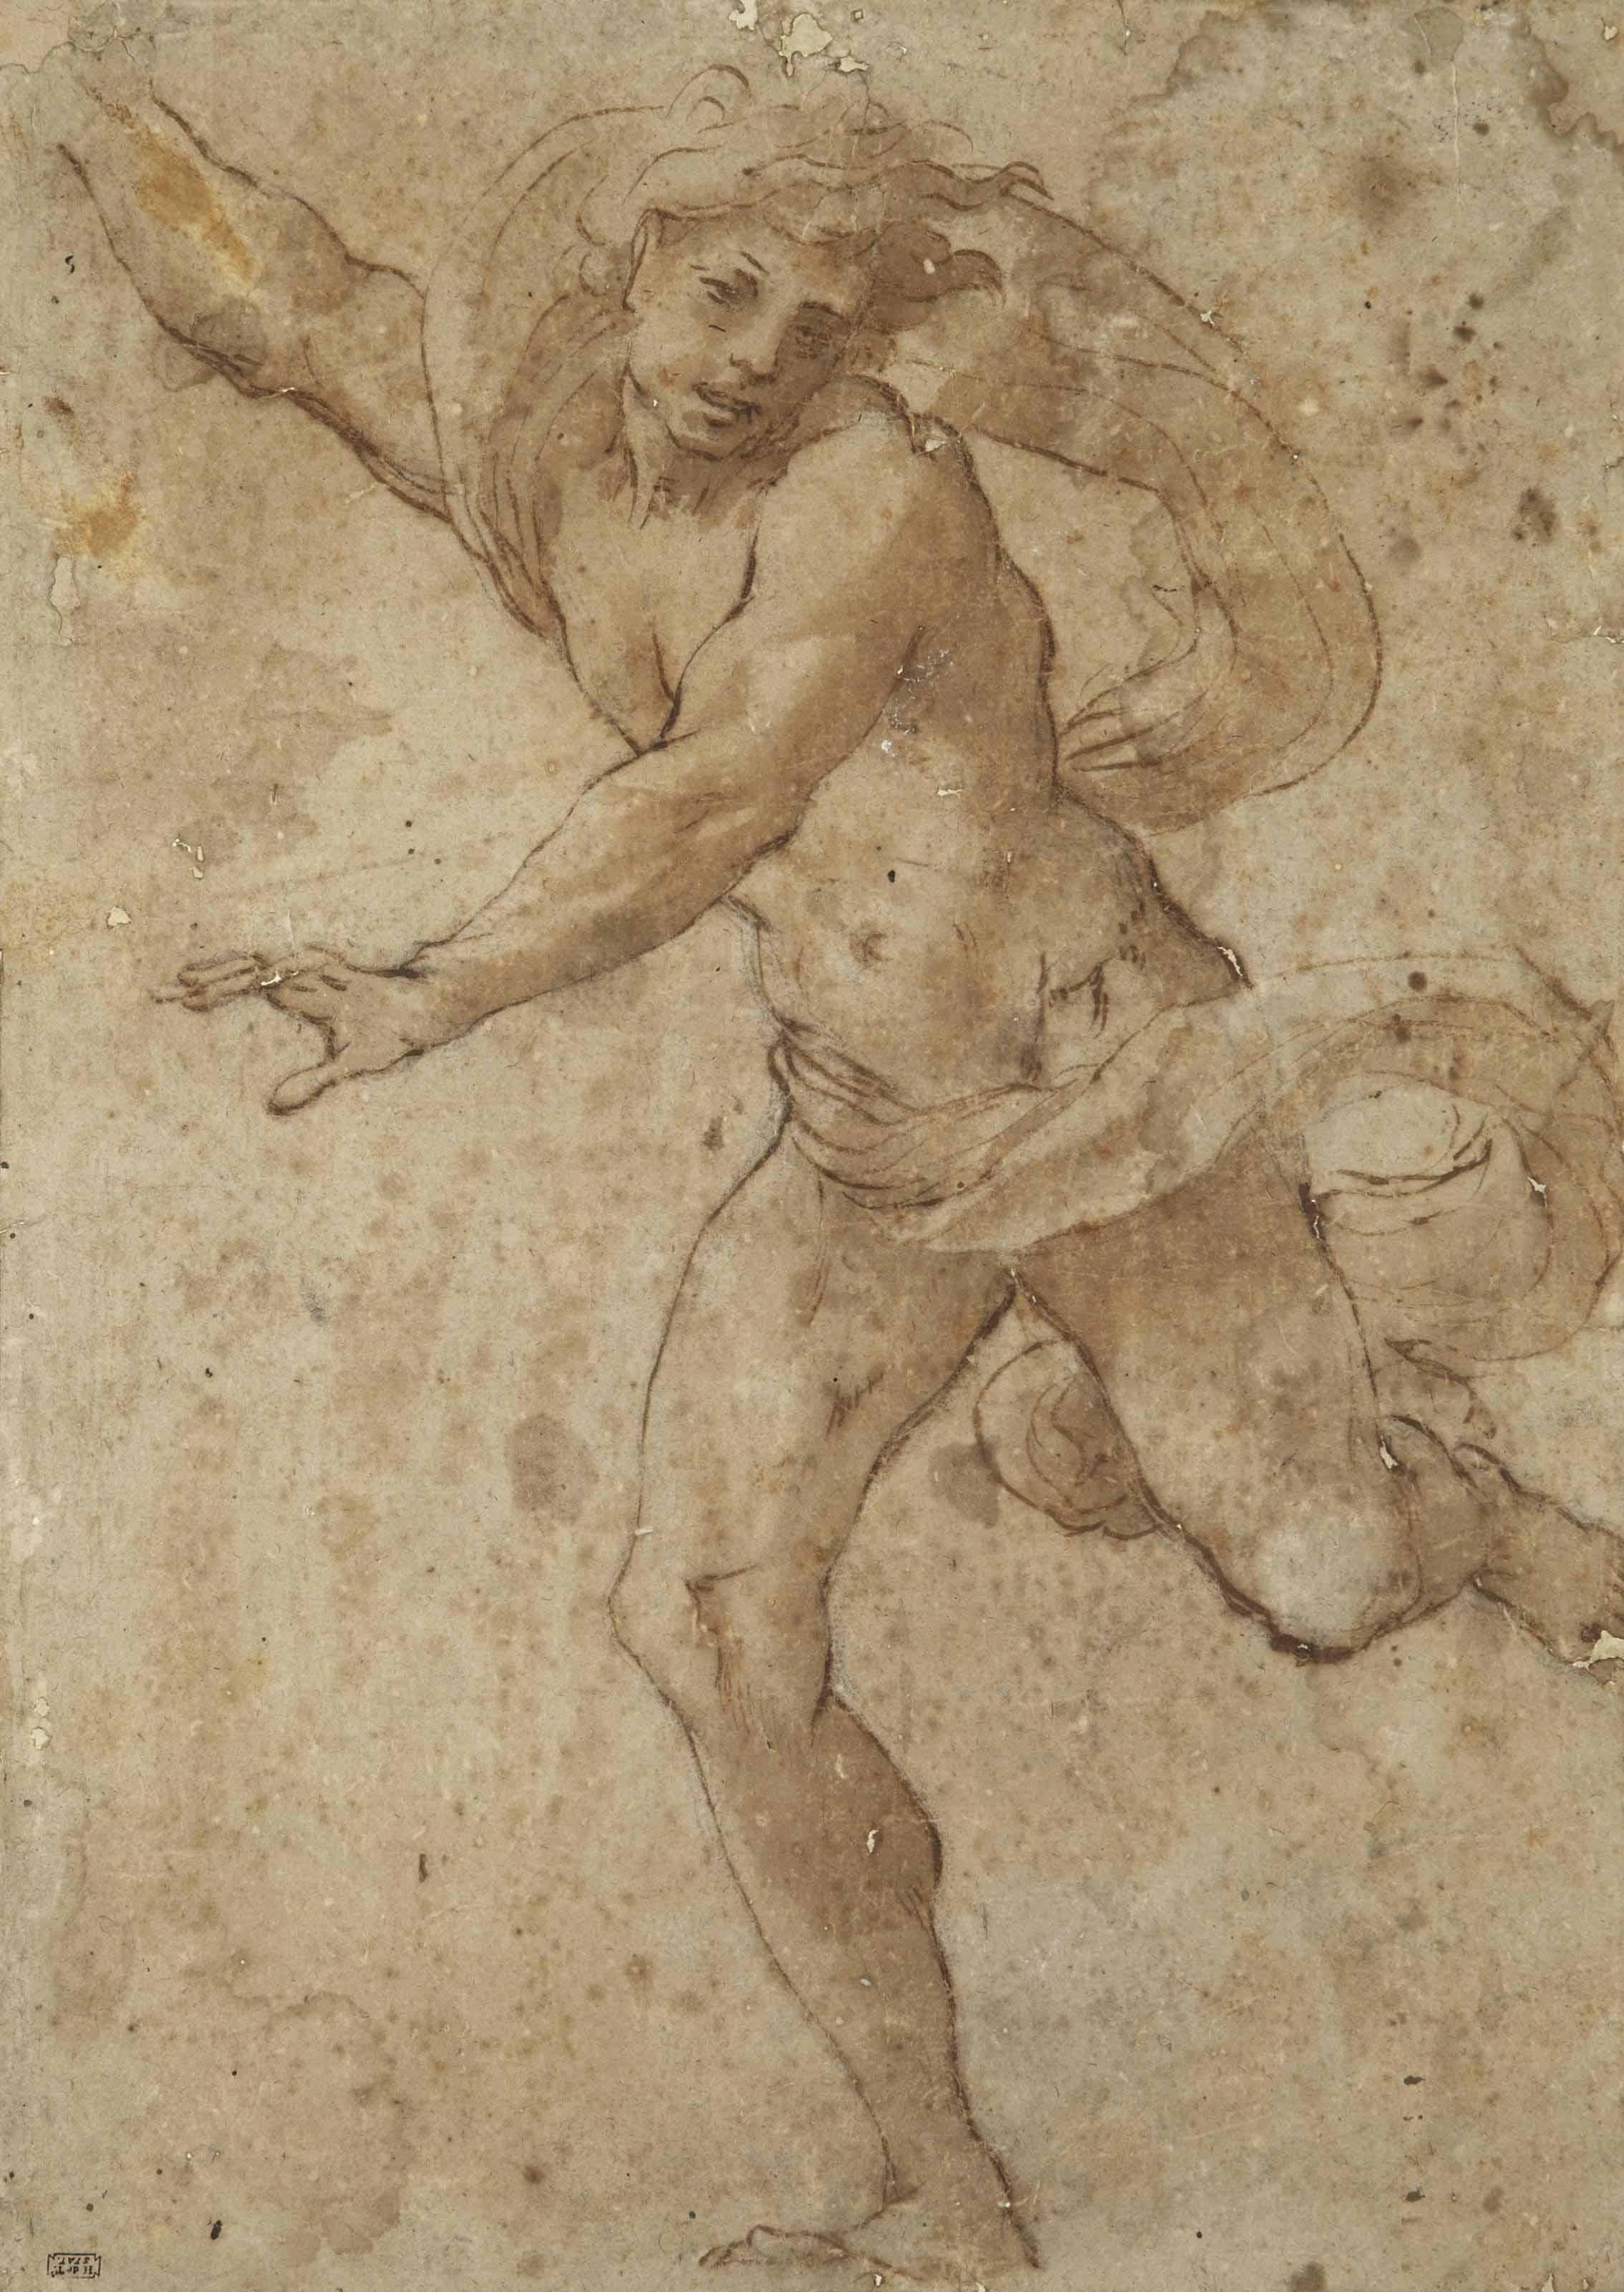 ENTOURAGE DE LUDOVICO CARRACCI (BOLOGNE 1555-1619)